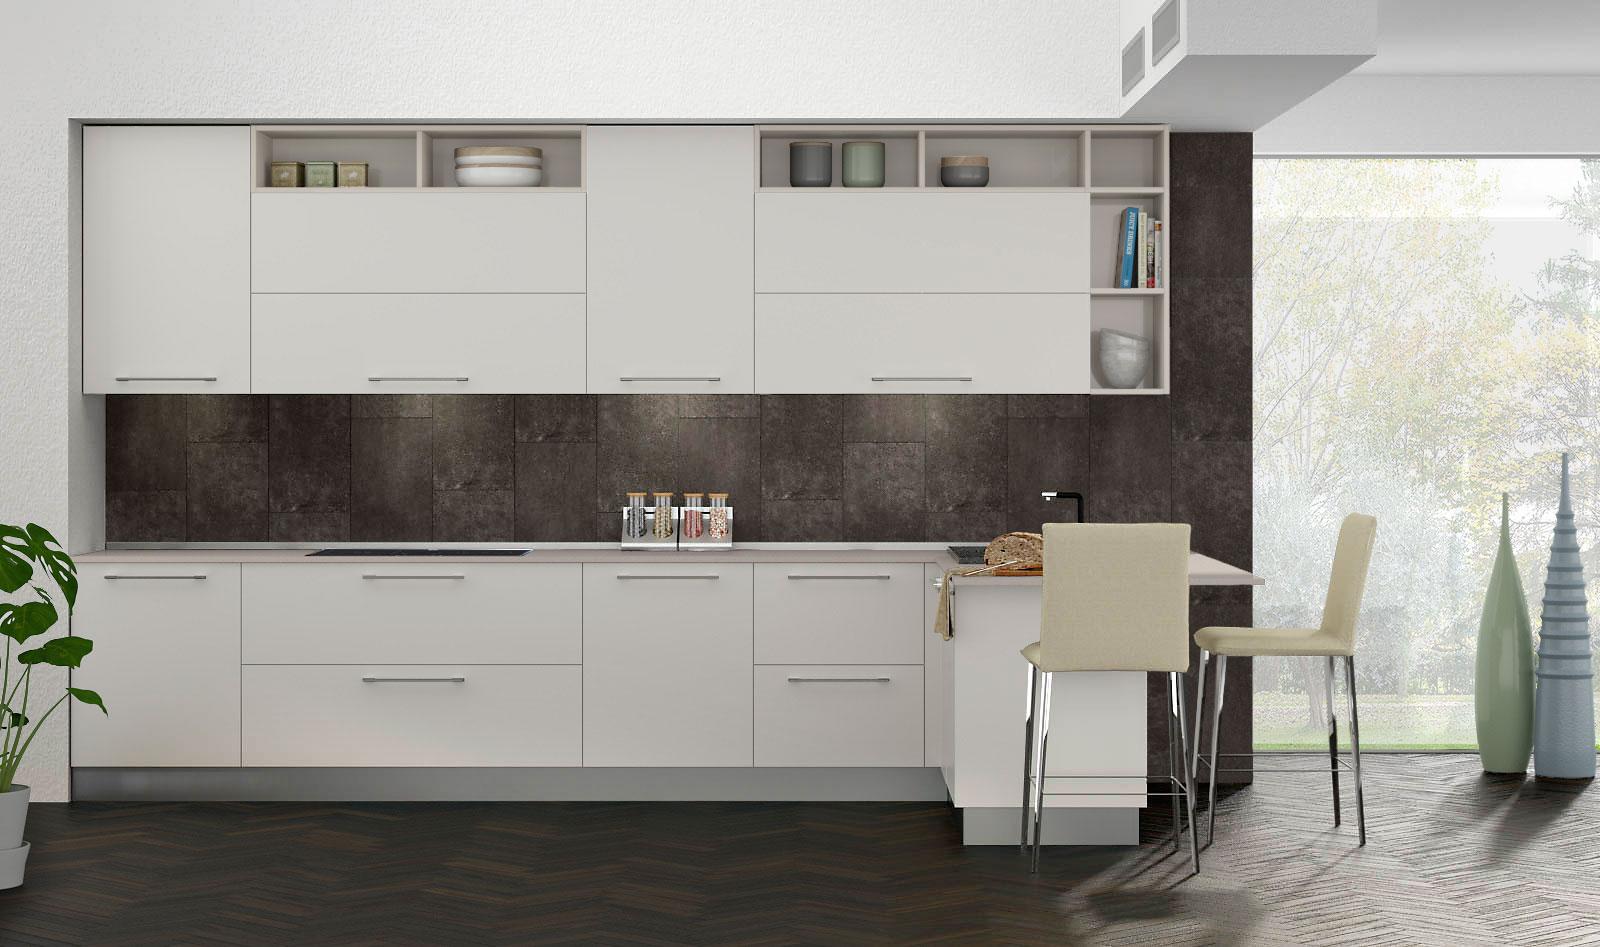 Cucine Moderne Diotti.Cucine Moderne Economiche Vega Diotti Com